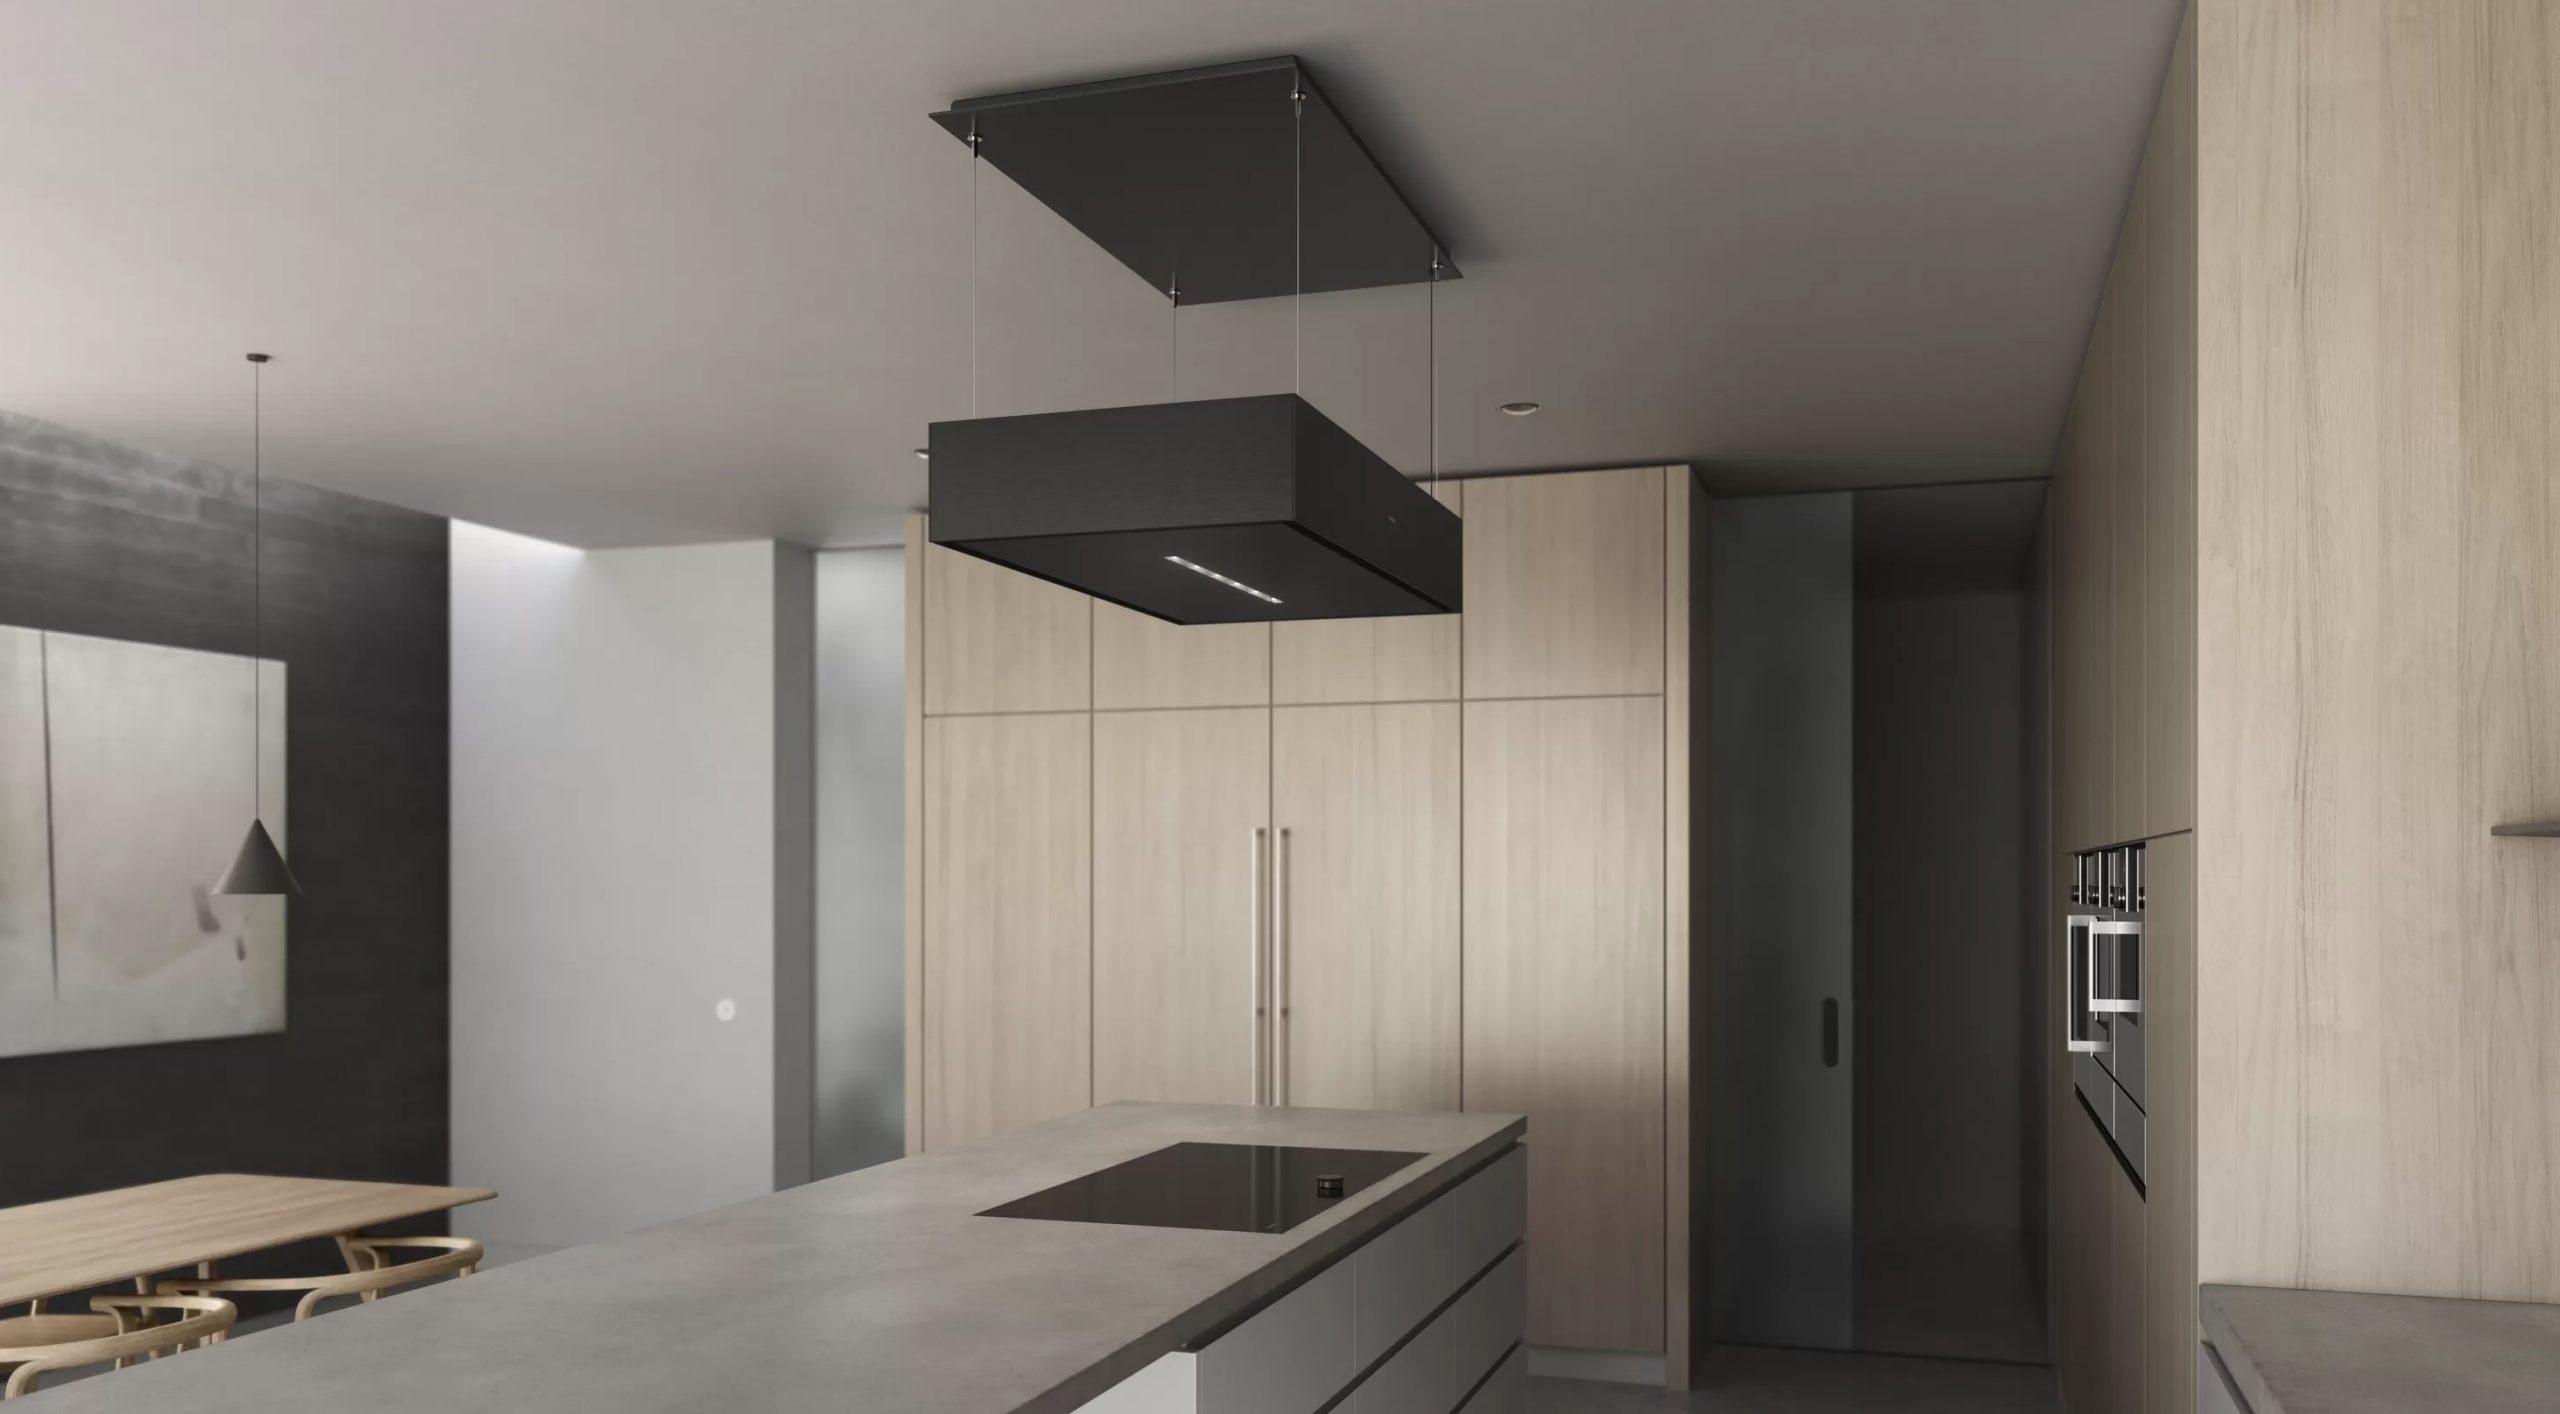 Ceiling ventilation 105 cm 200 series